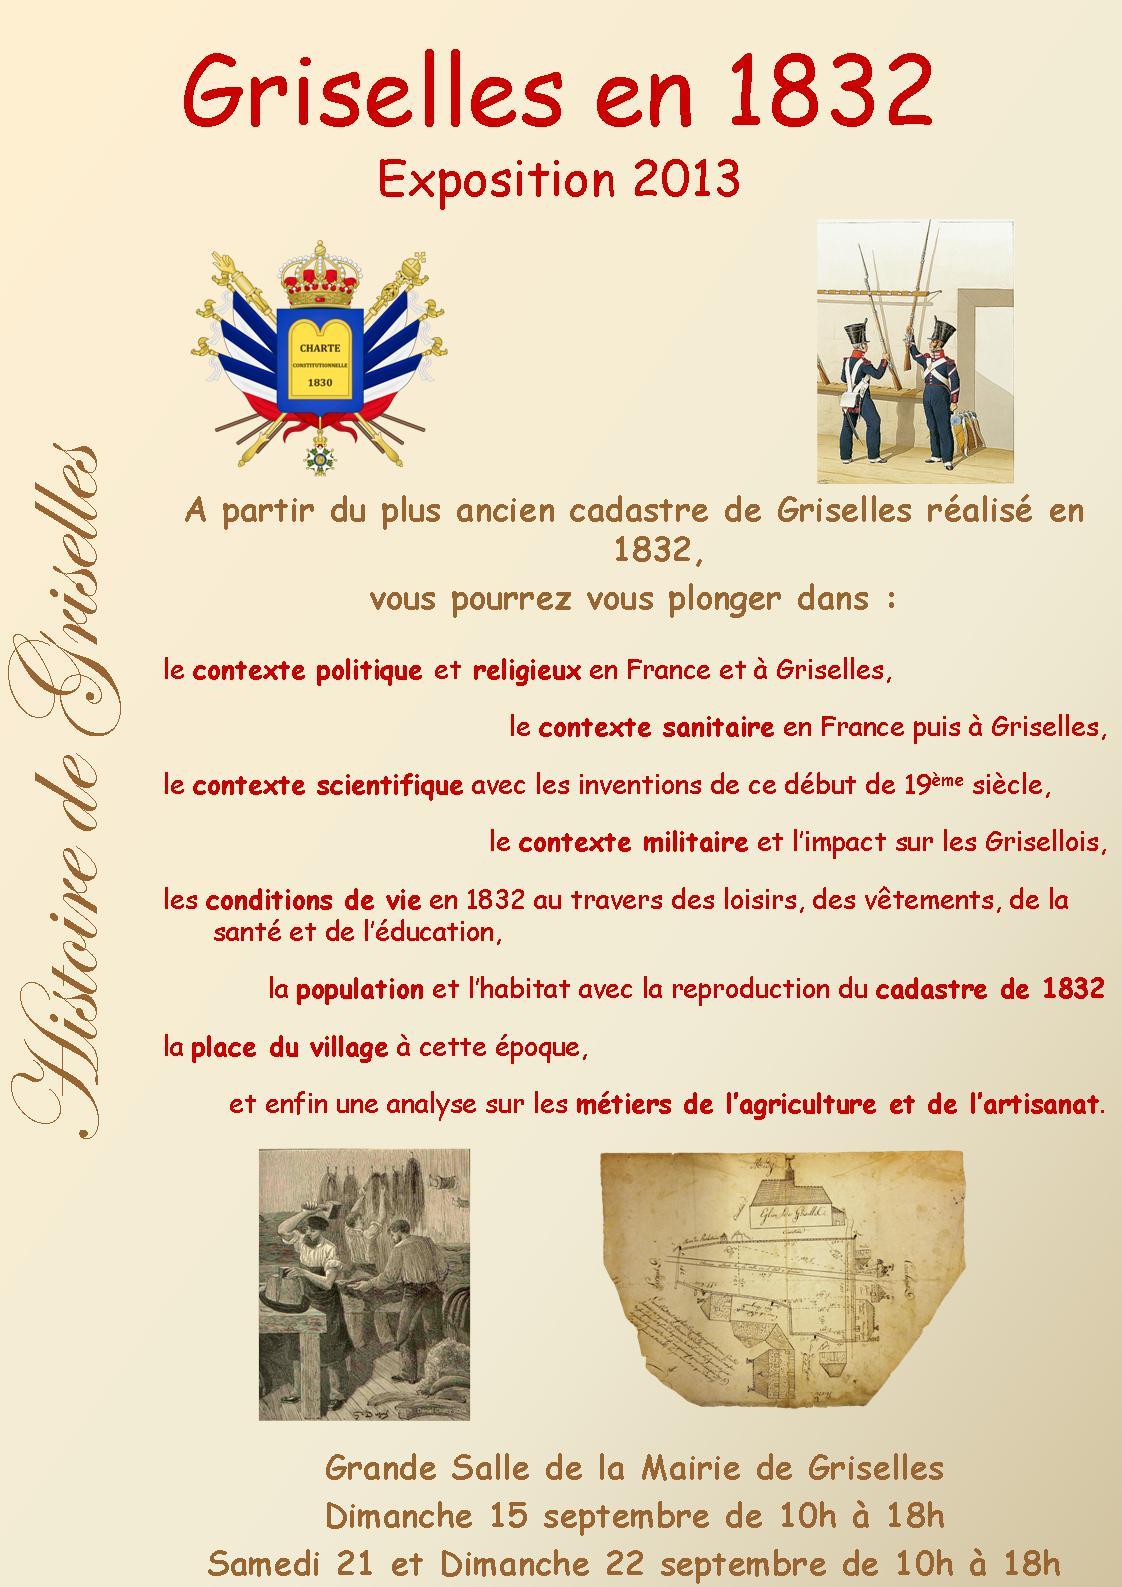 Exposition 2013 - Journées du Patrimoine - Griselles en 1832